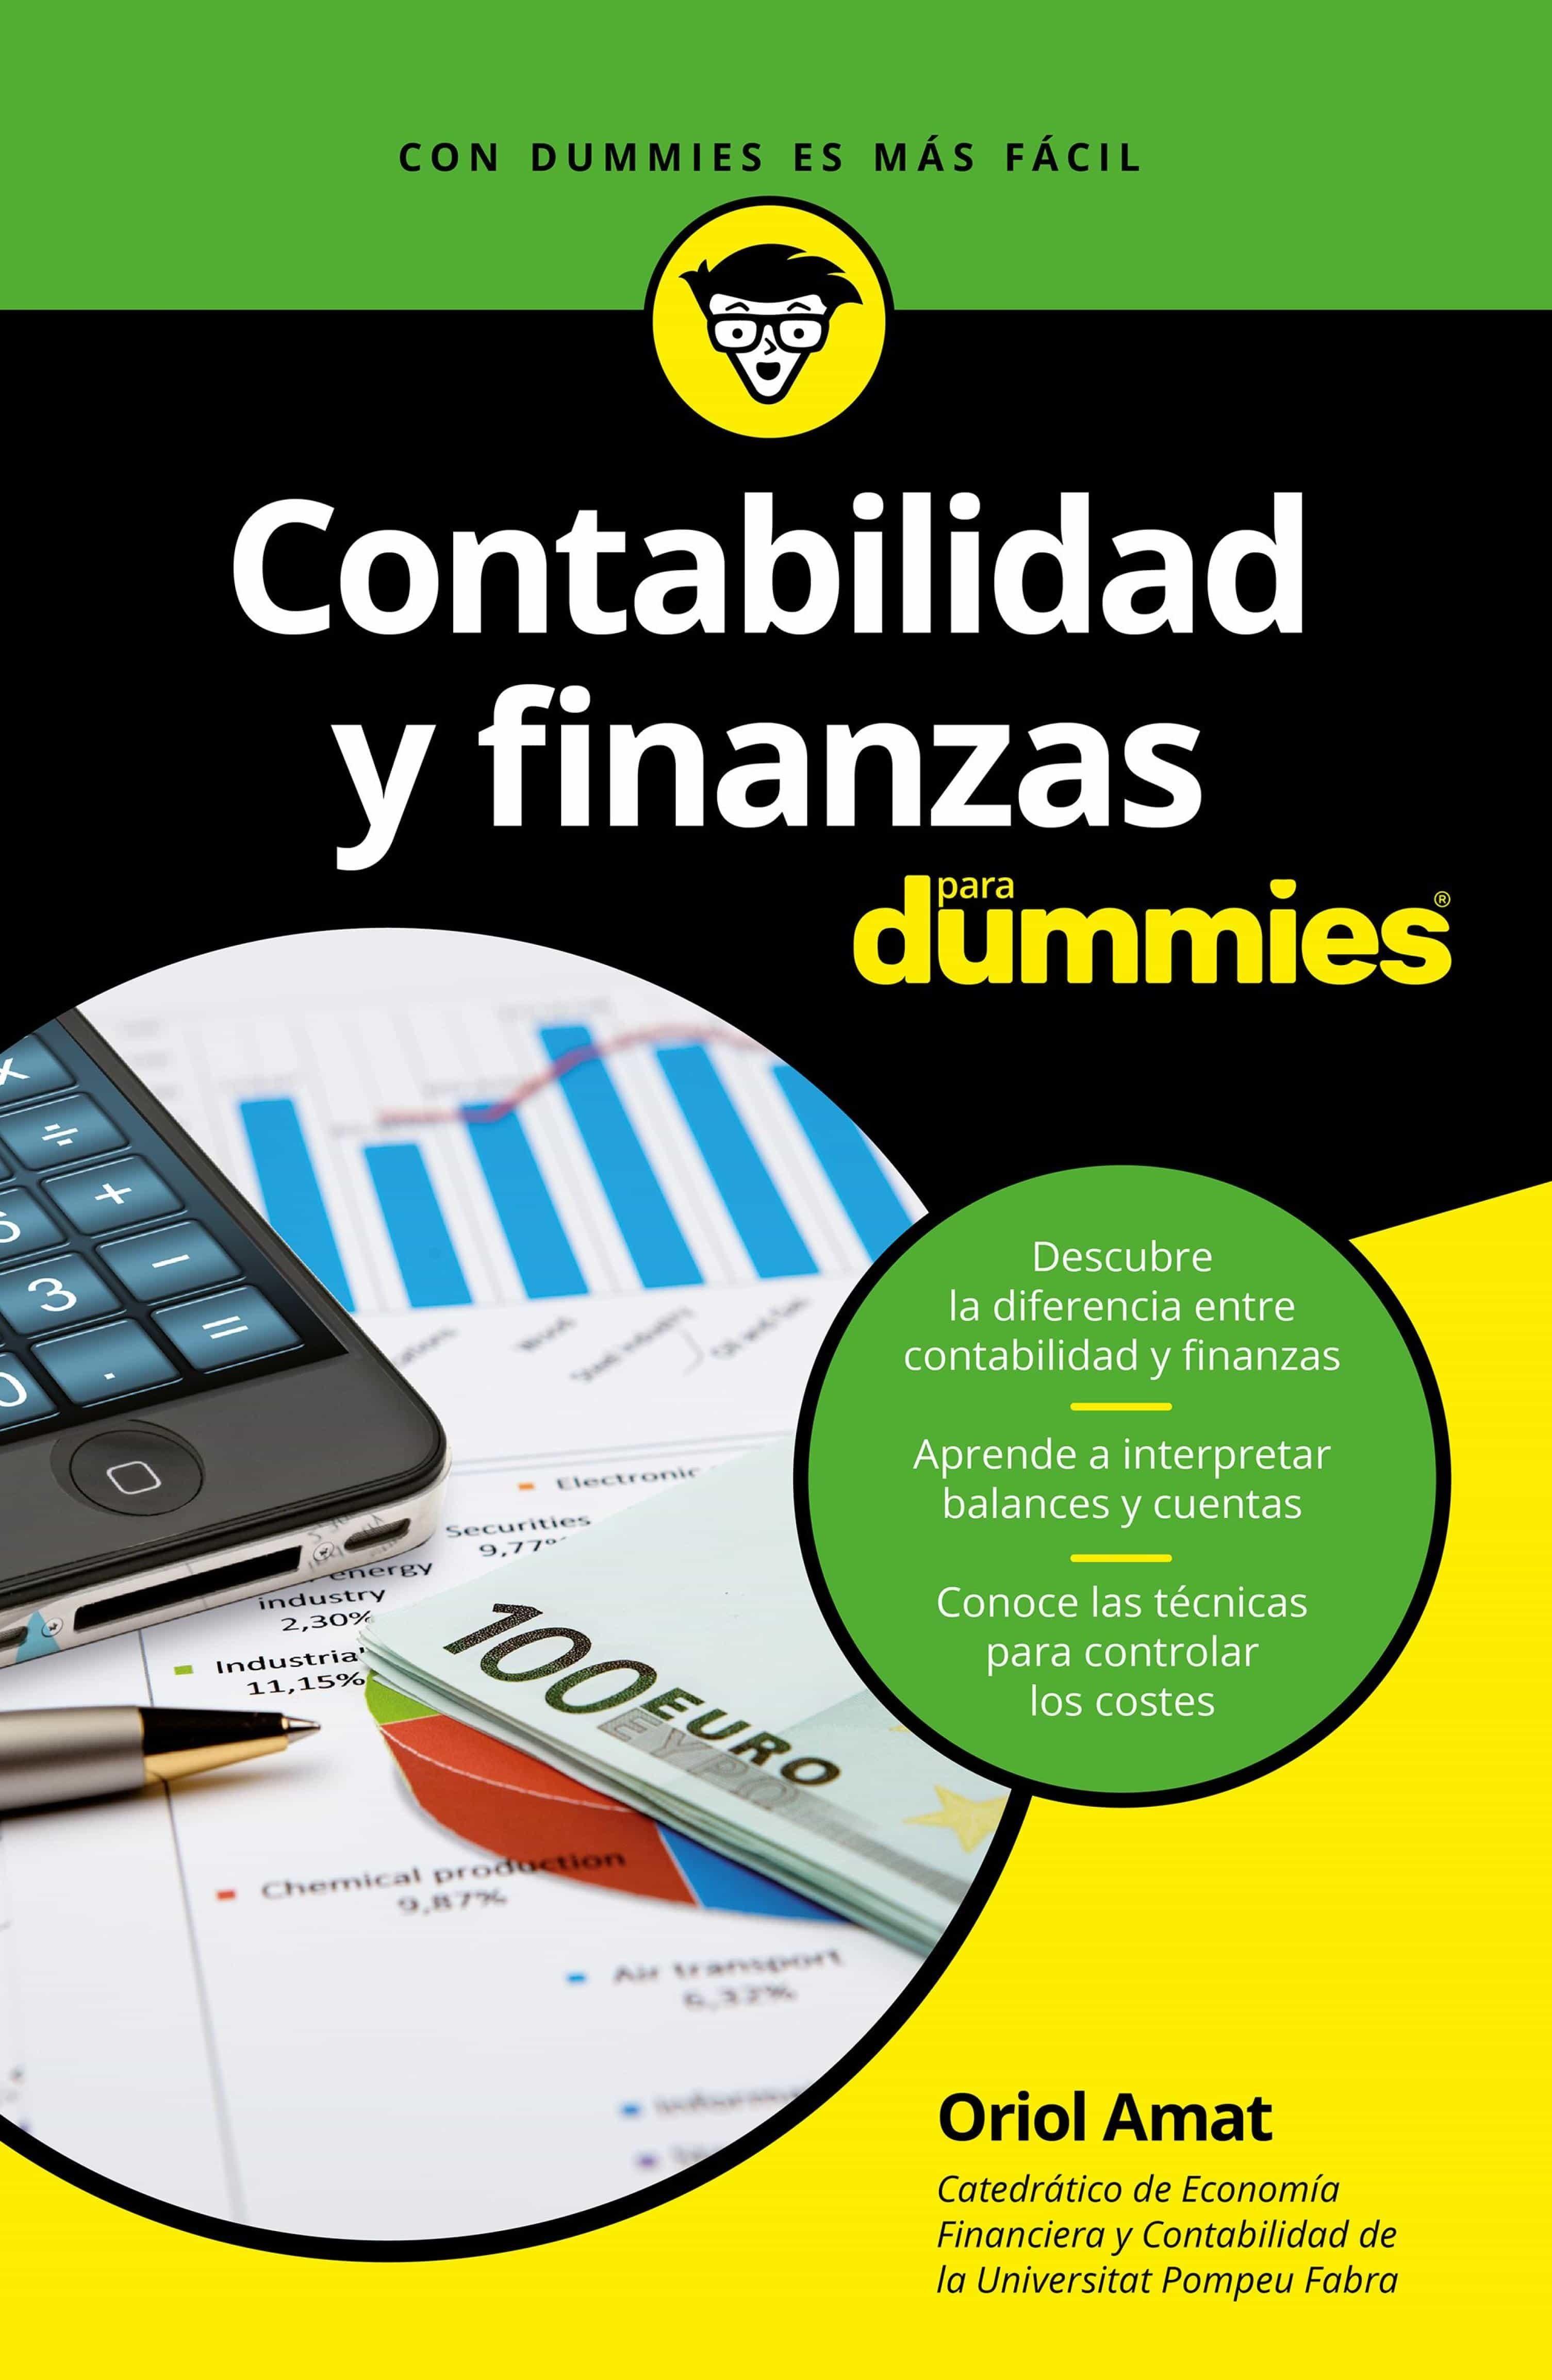 CONTABILIDAD Y FINANZAS PARA DUMMIES EBOOK | ORIOL AMAT | Descargar ...